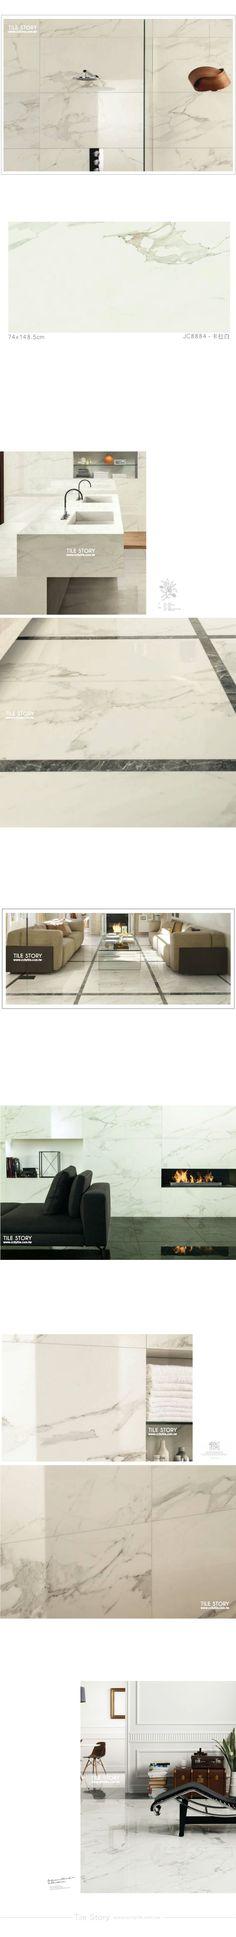 妮斯頓大尺寸石紋磚-卡拉白,銀狐 / 卡拉拉白 | 磁磚故事